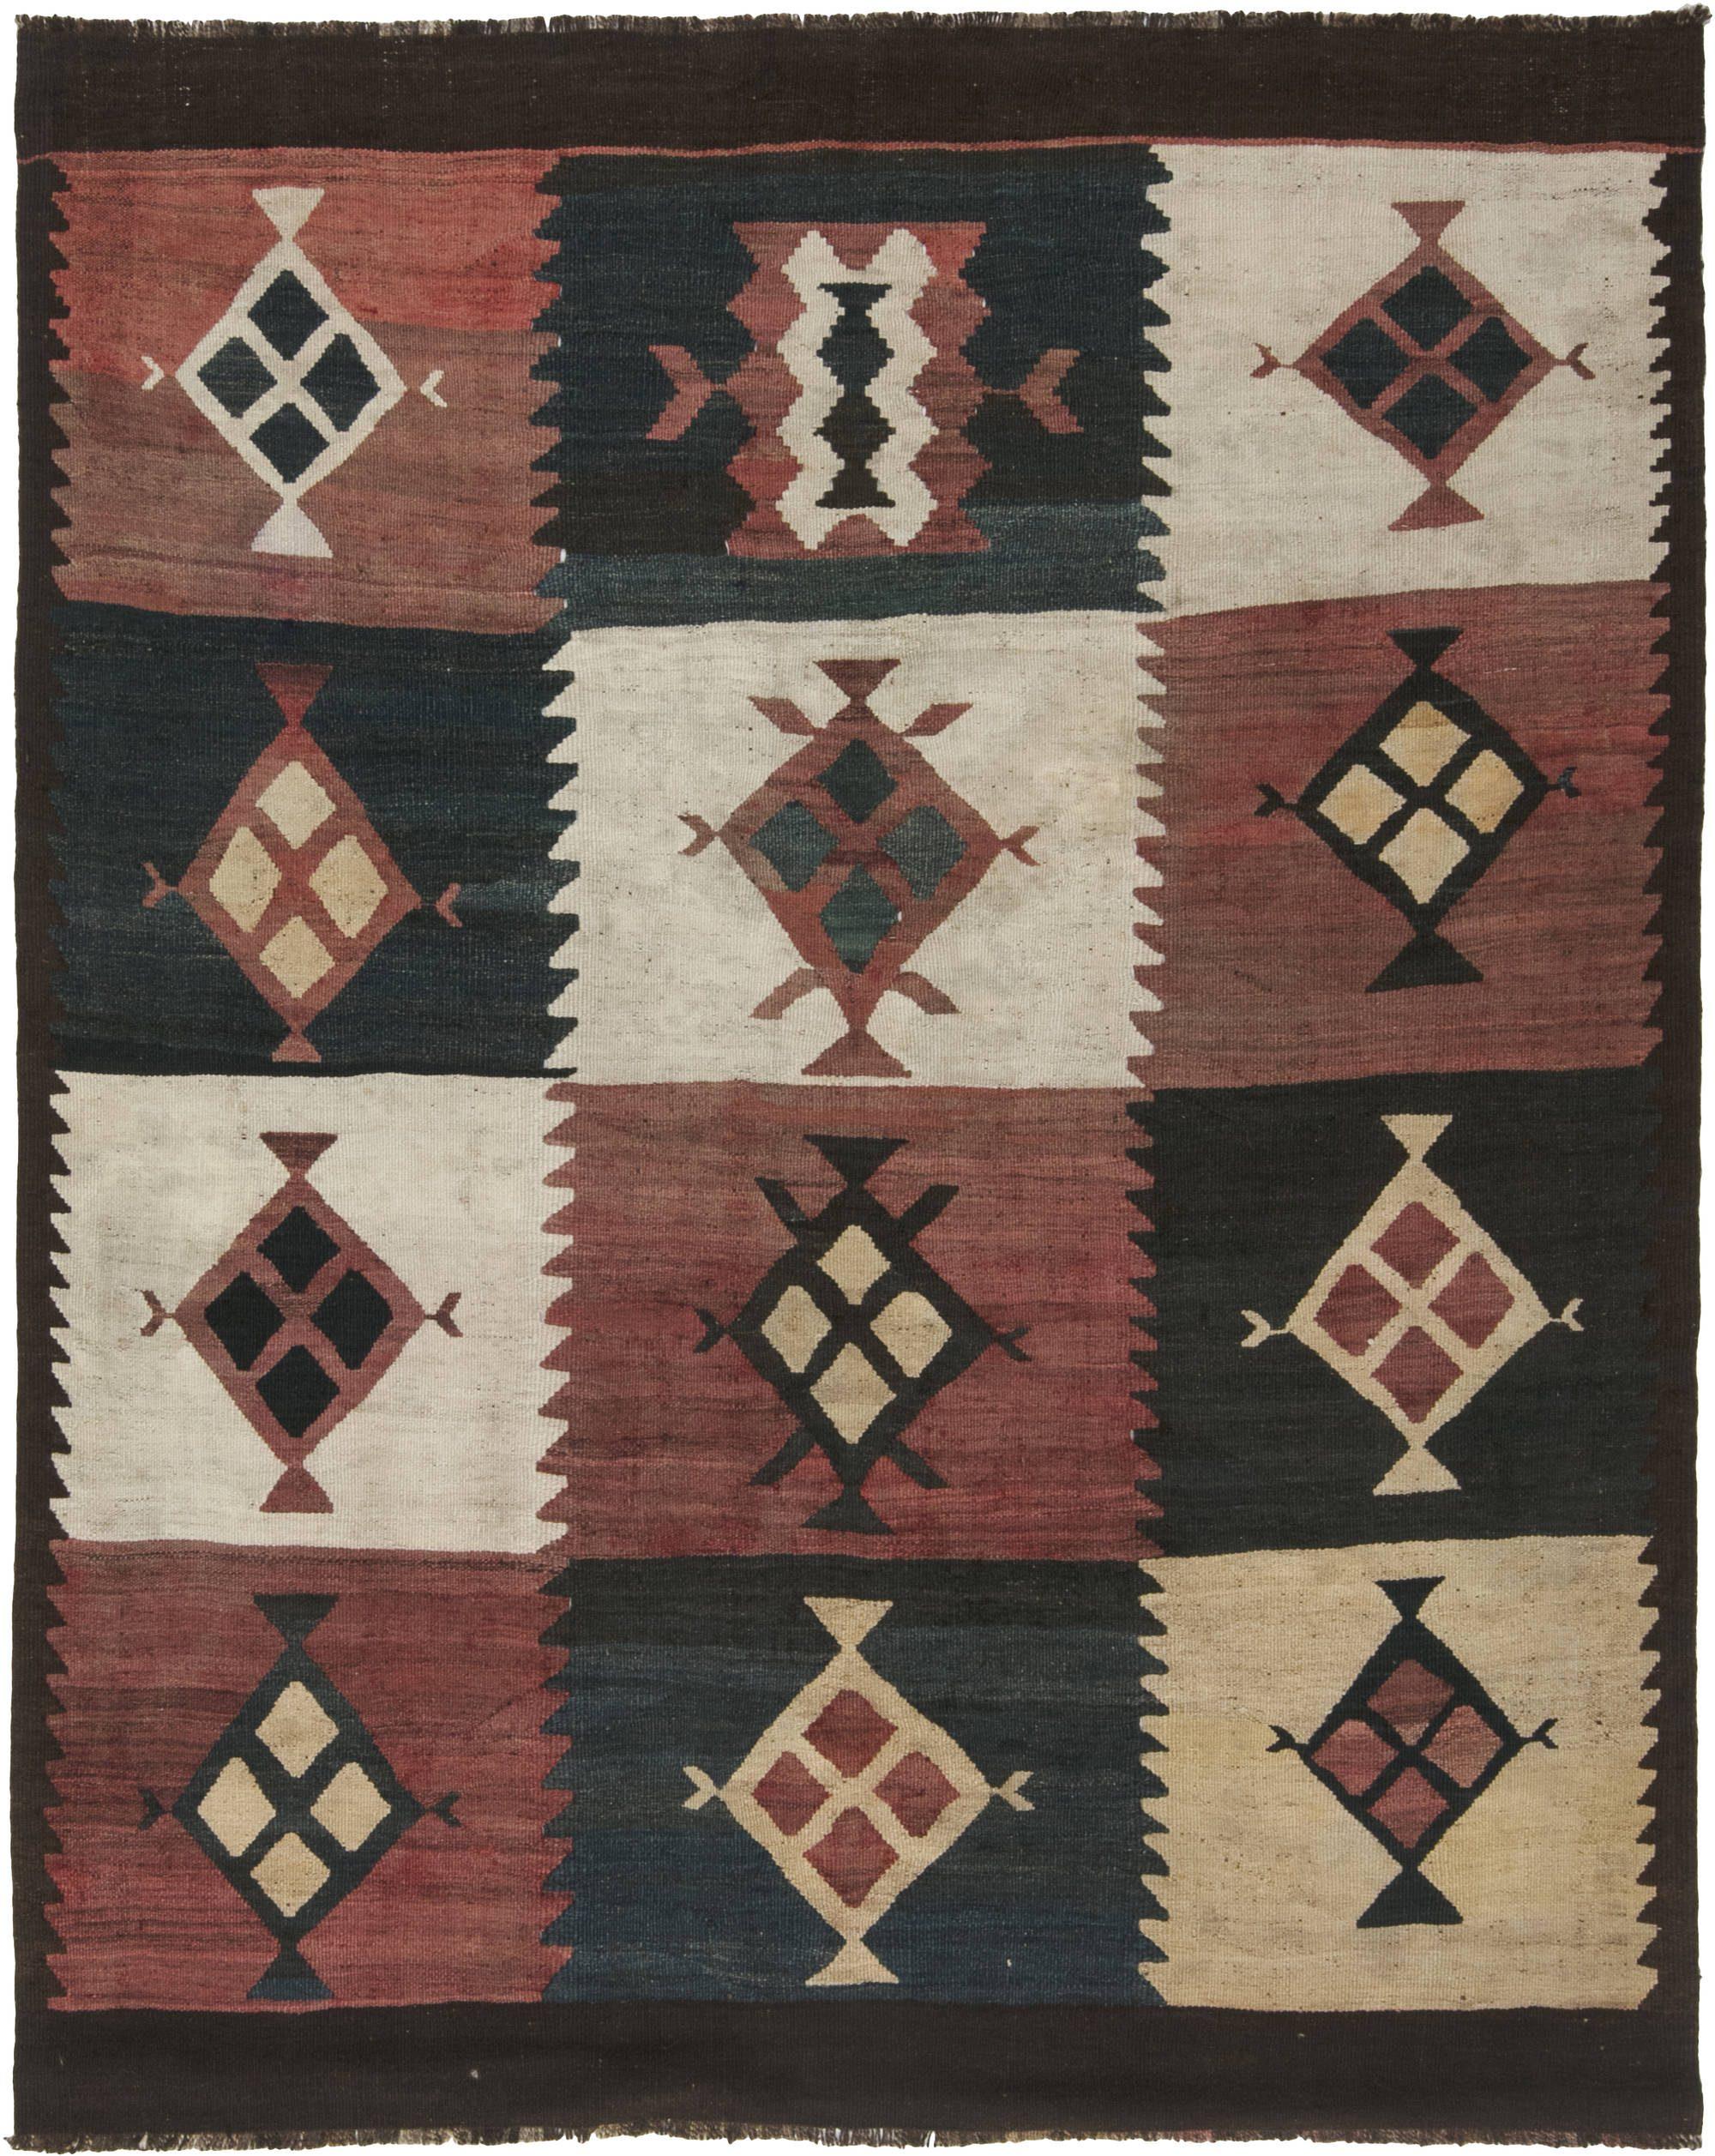 antiguidade-tapetes-turcos-kilim-multi-cor-geométricos-10